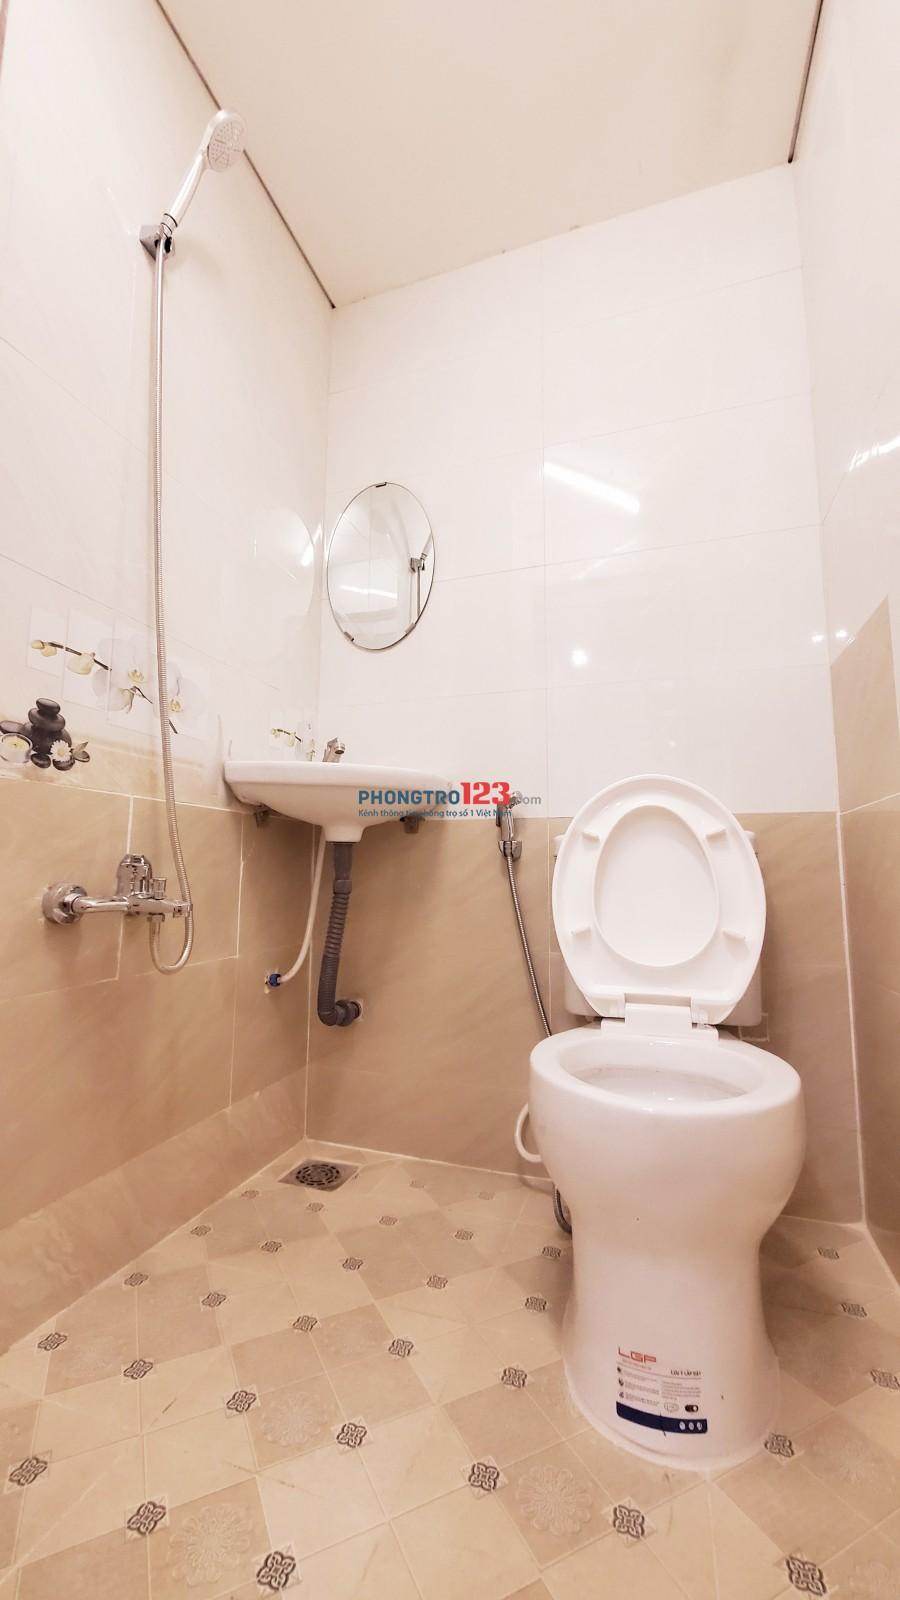 căn hộ mini full nội thất cao cấp, ban công lớn, kế Hutech cơ sở UVK, Bình Thạnh !